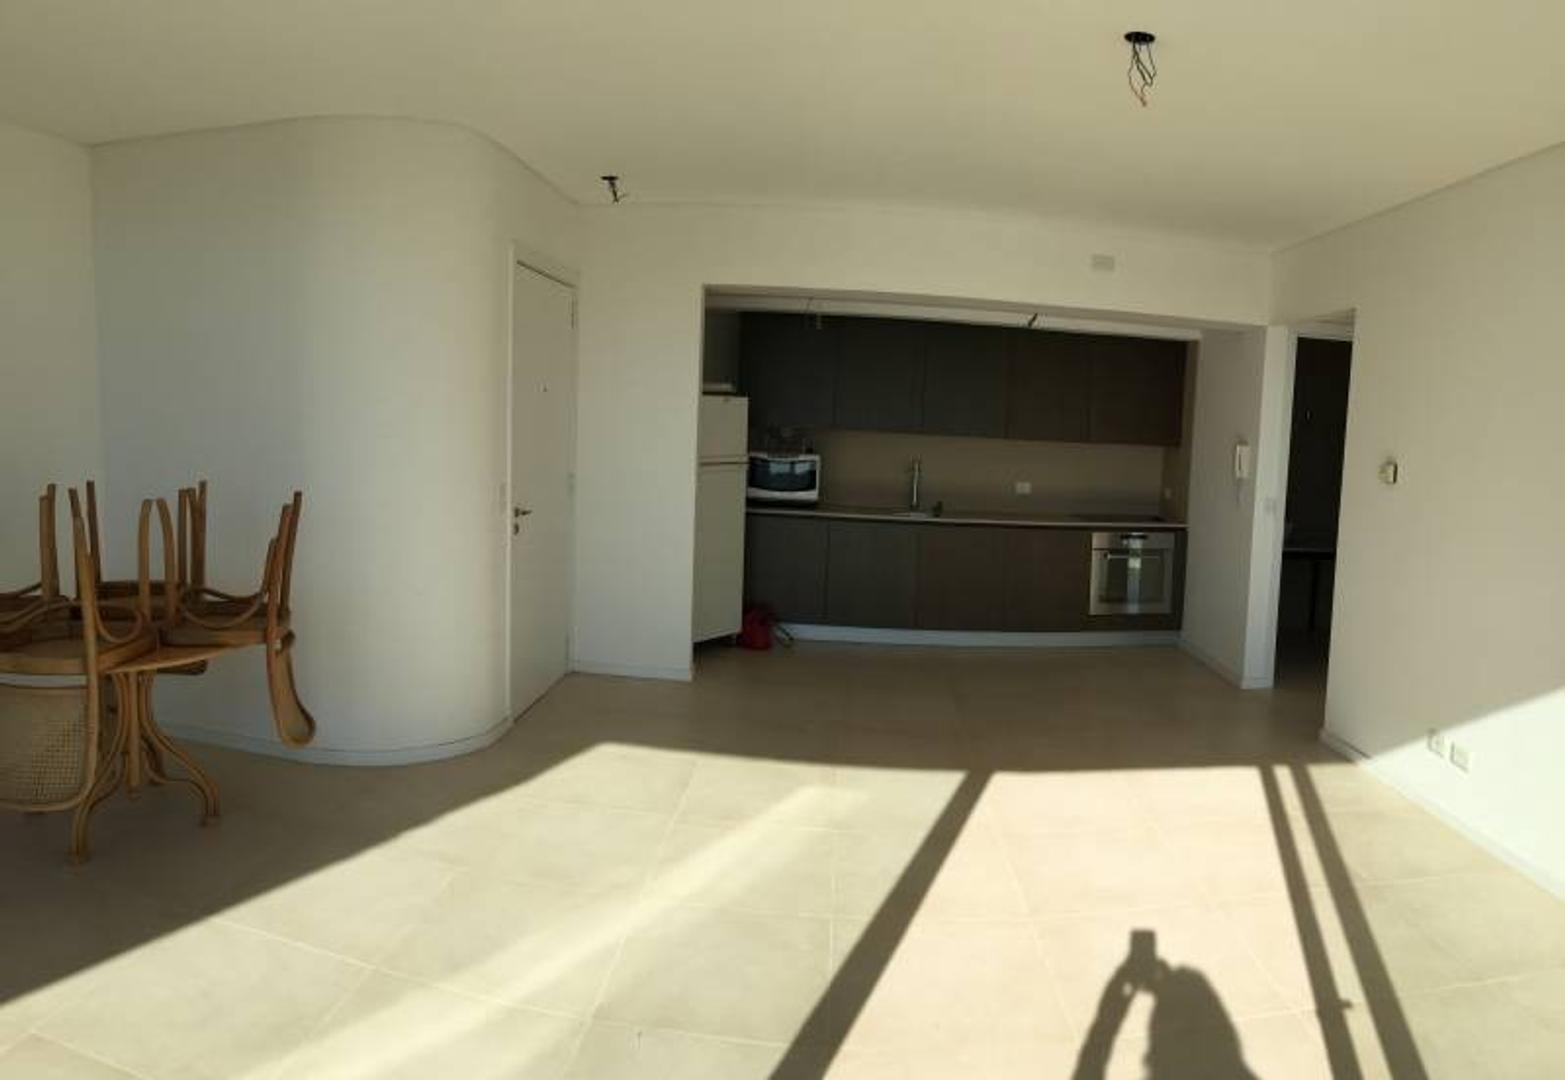 YOO NORDELTA Edificio  | Departamento de 2 ambientes con excelente vista.